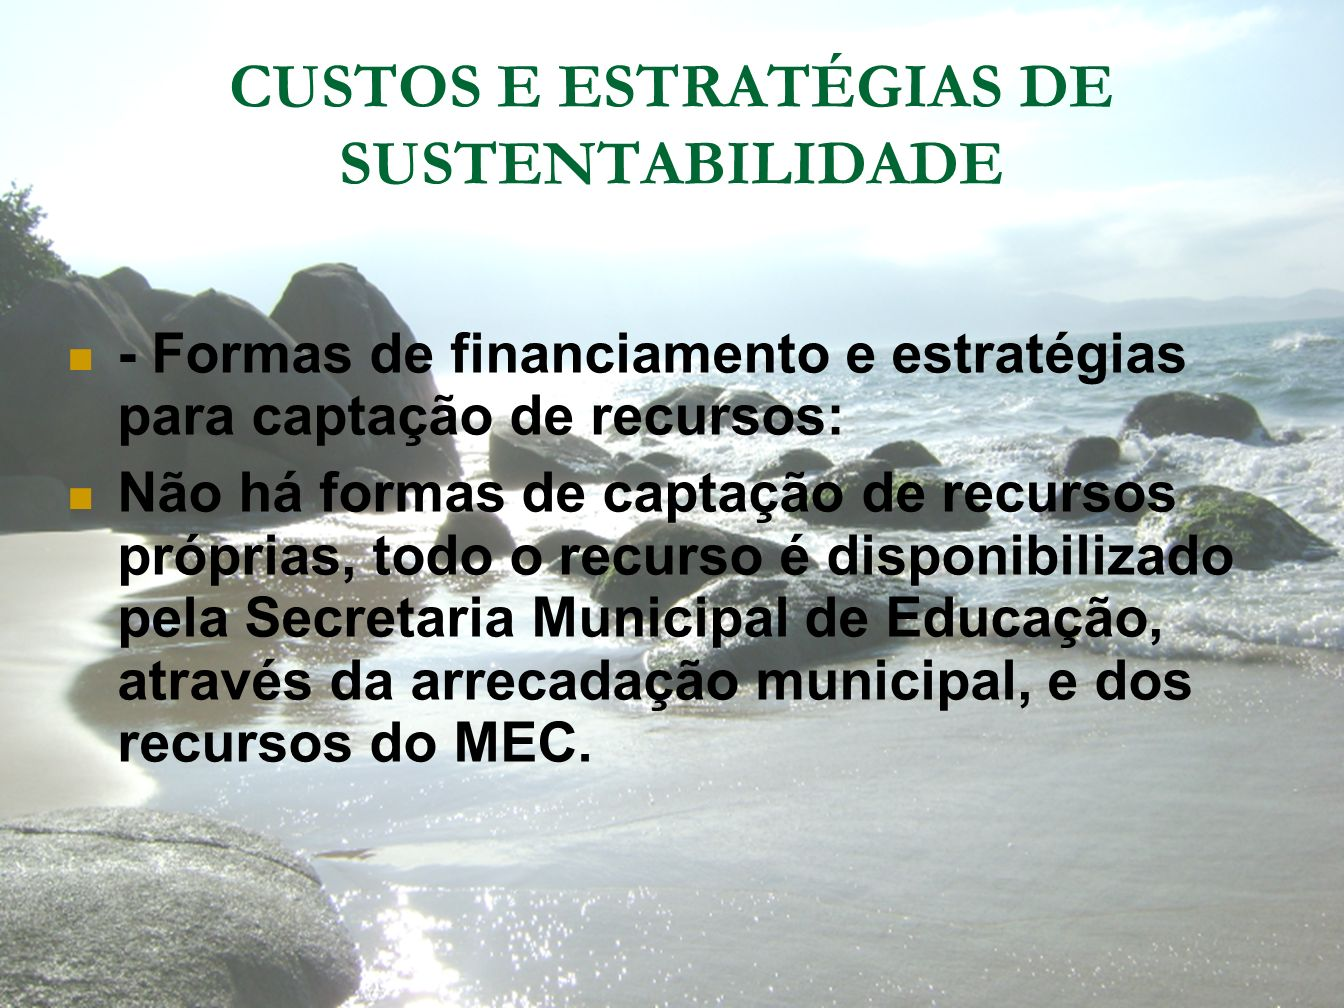 CUSTOS E ESTRATÉGIAS DE SUSTENTABILIDADE